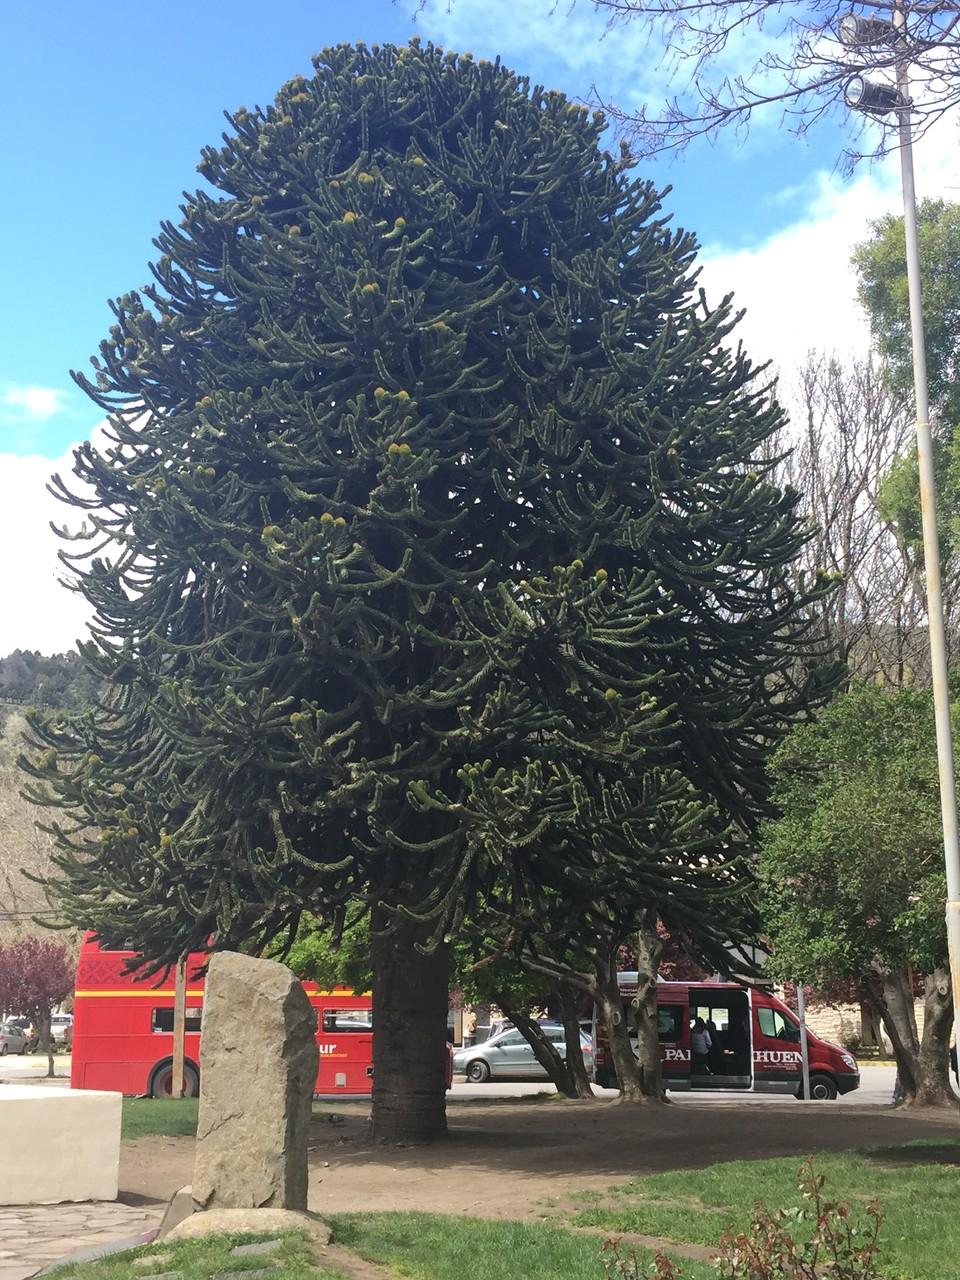 und einer der schönen Bäume